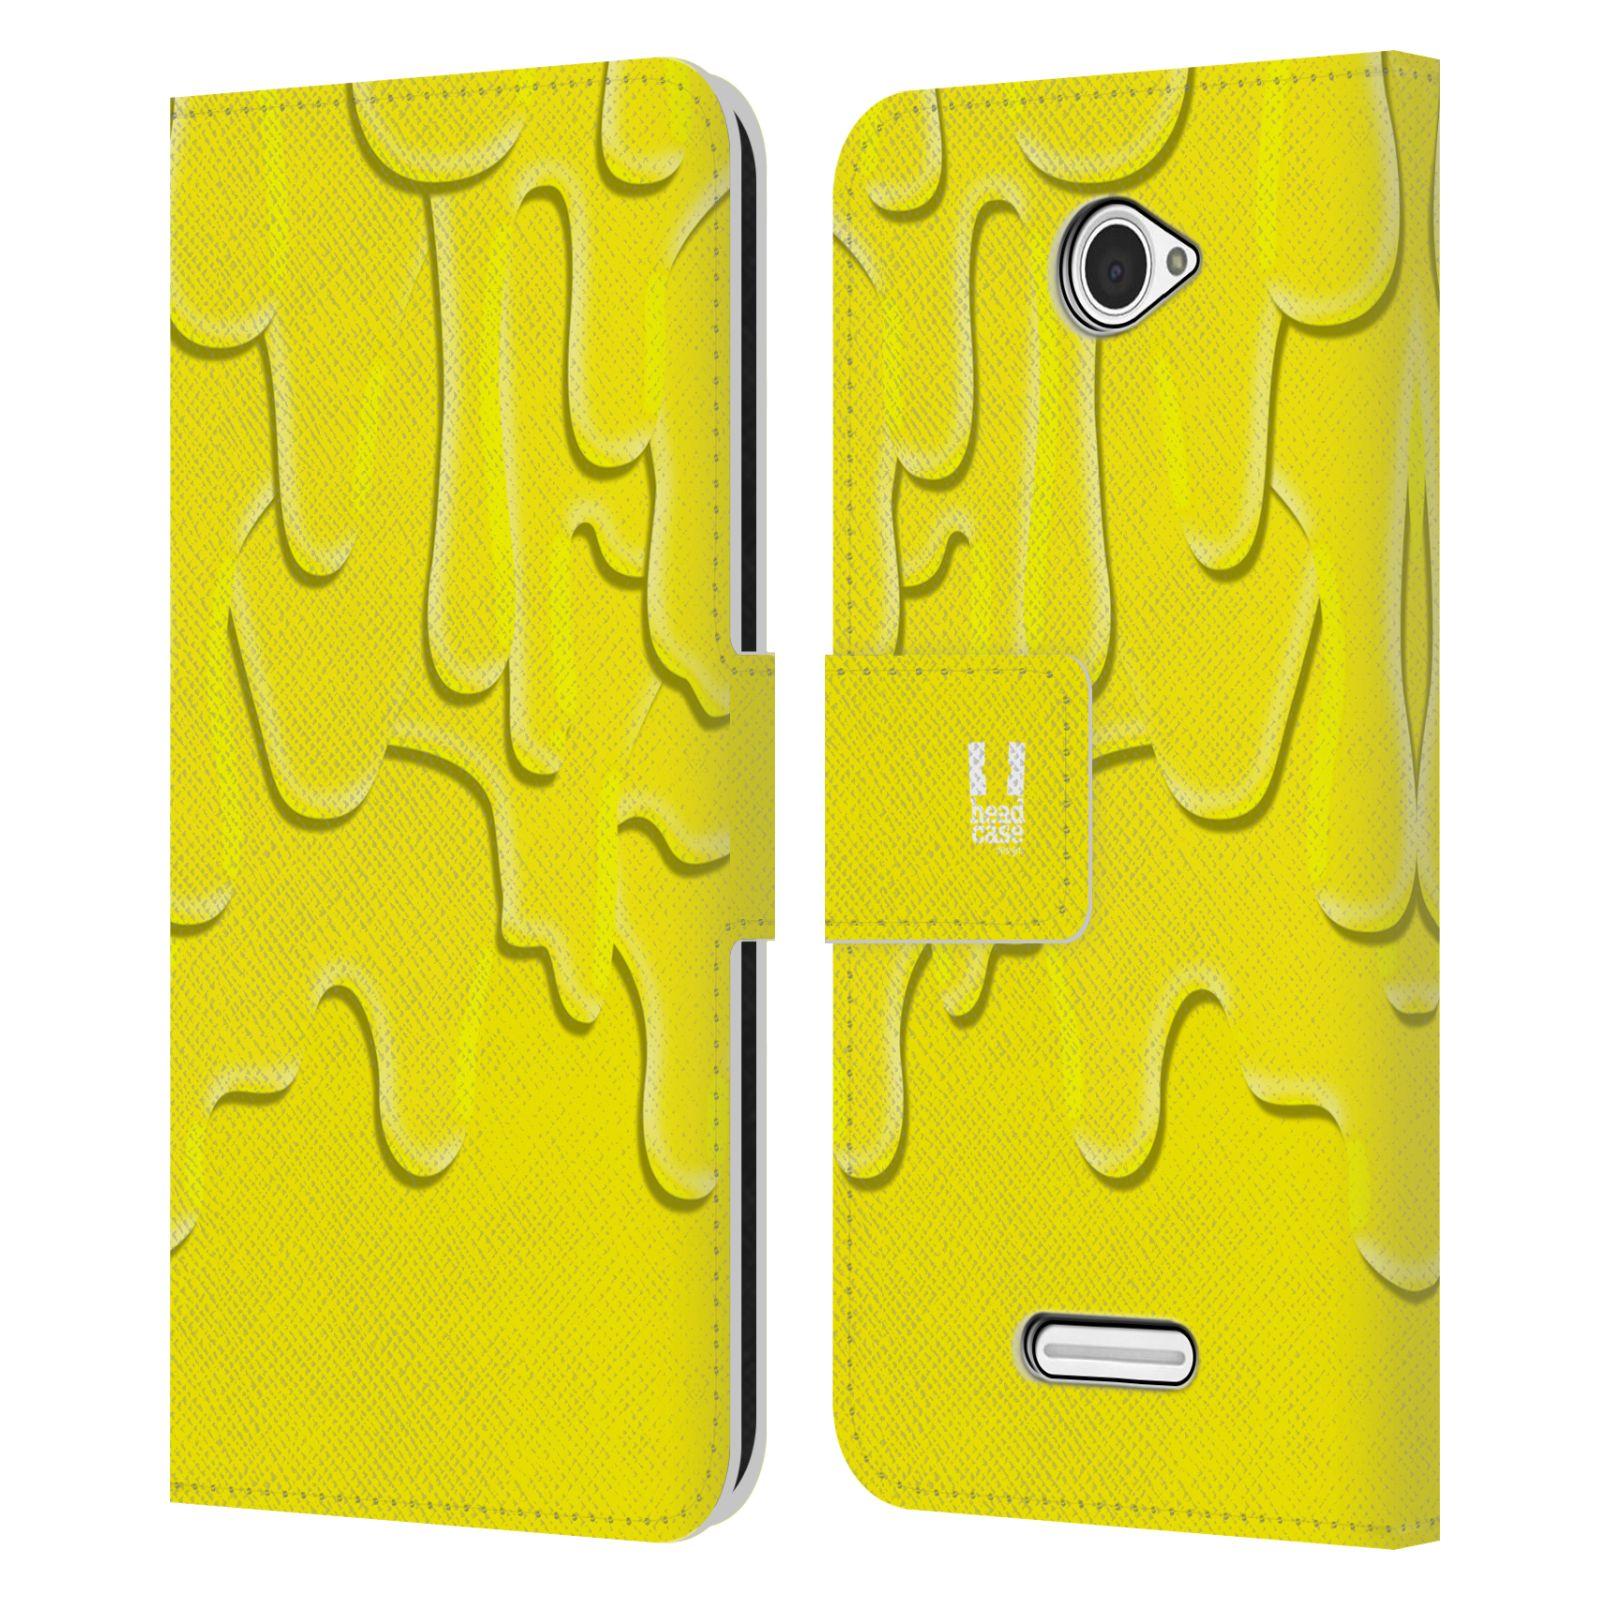 HEAD CASE Flipové pouzdro pro mobil SONY XPERIA E4 ZÁPLAVA BARVA žlutá